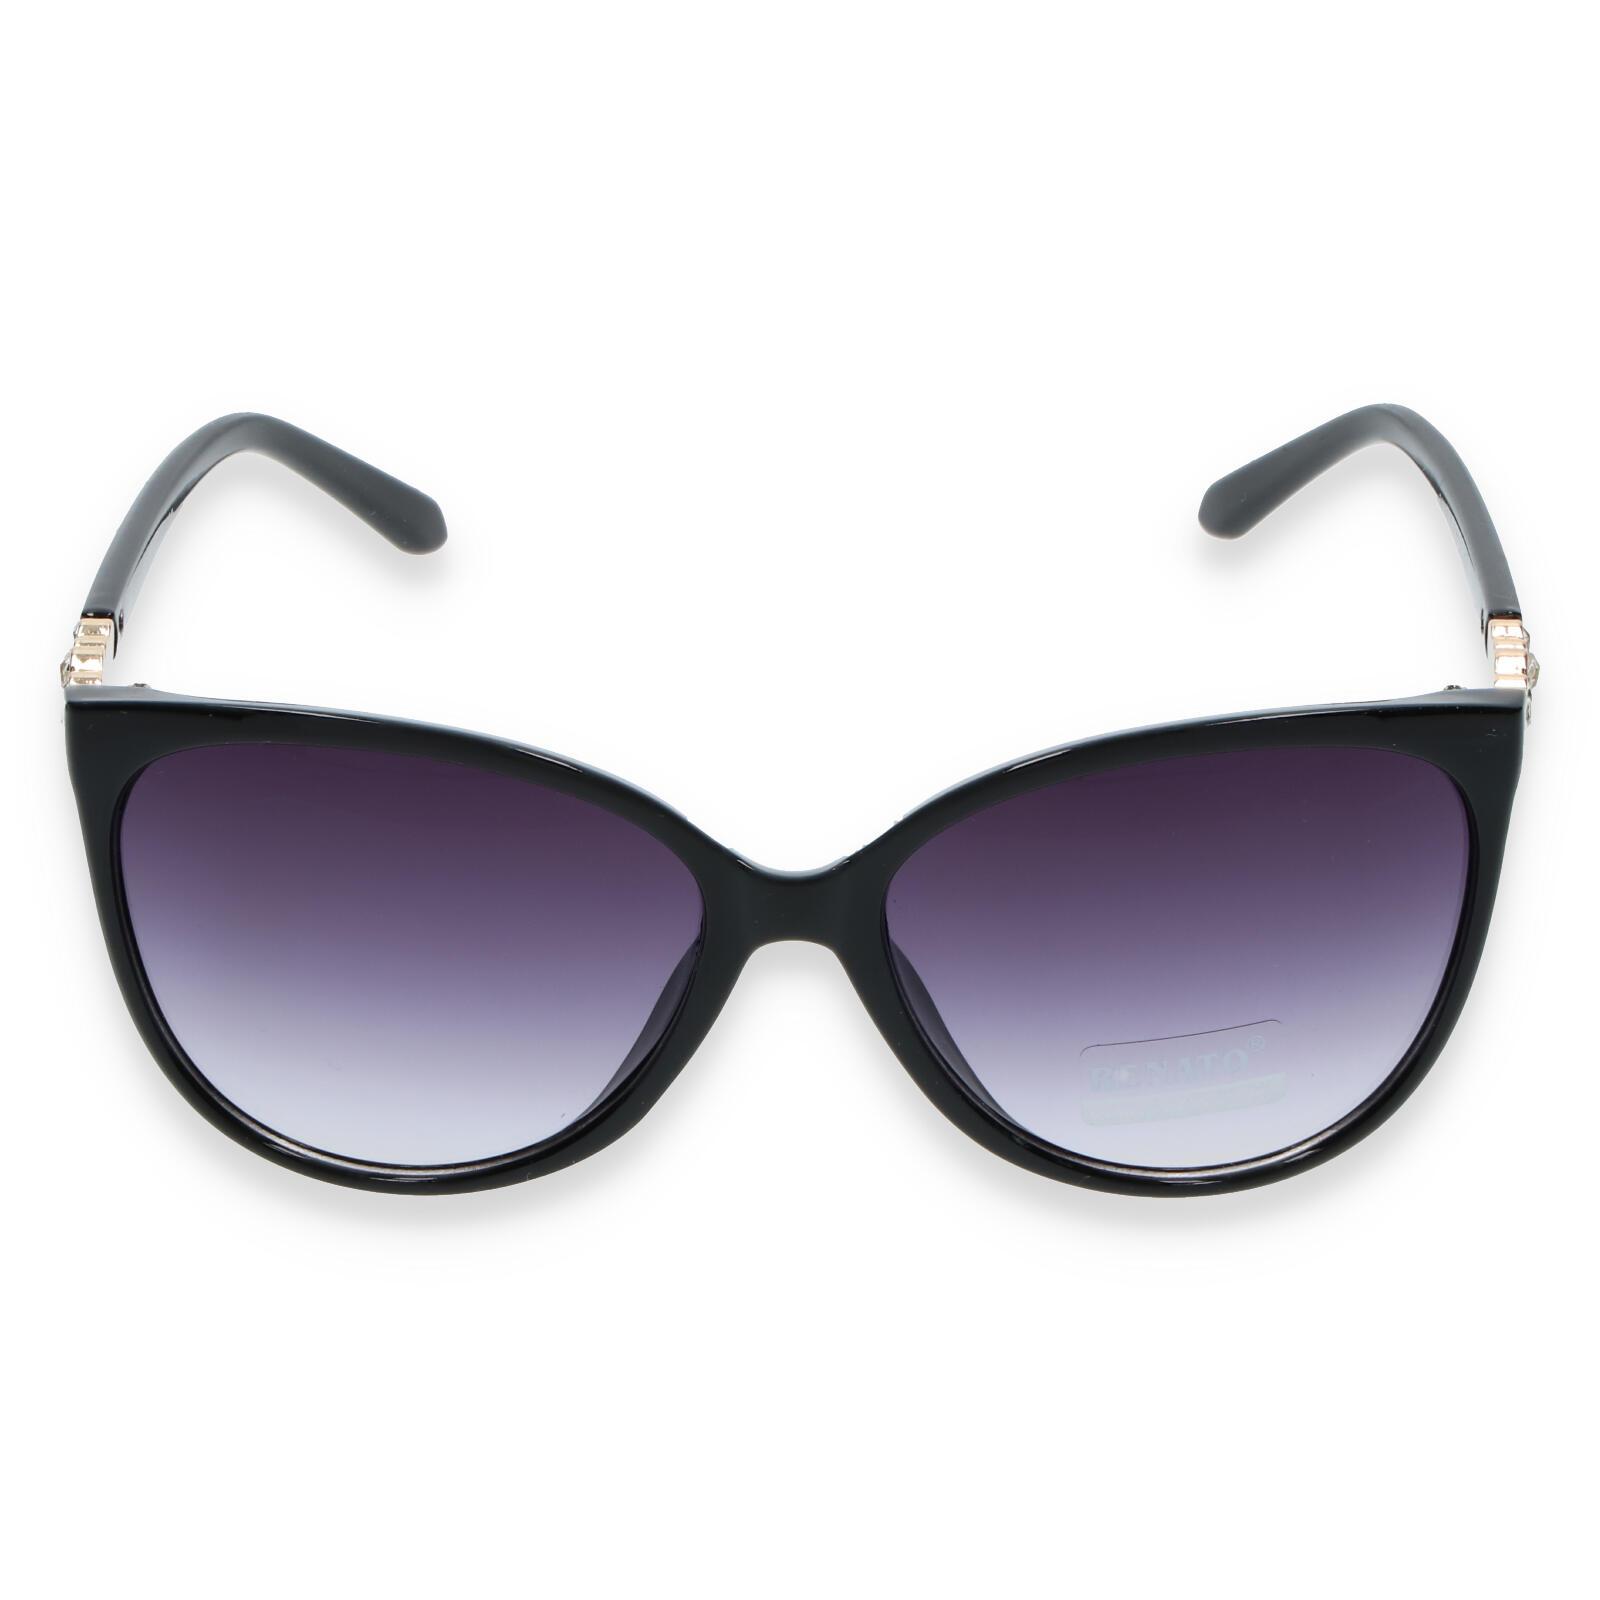 Dámské sluneční brýle černé - LUX232 černá